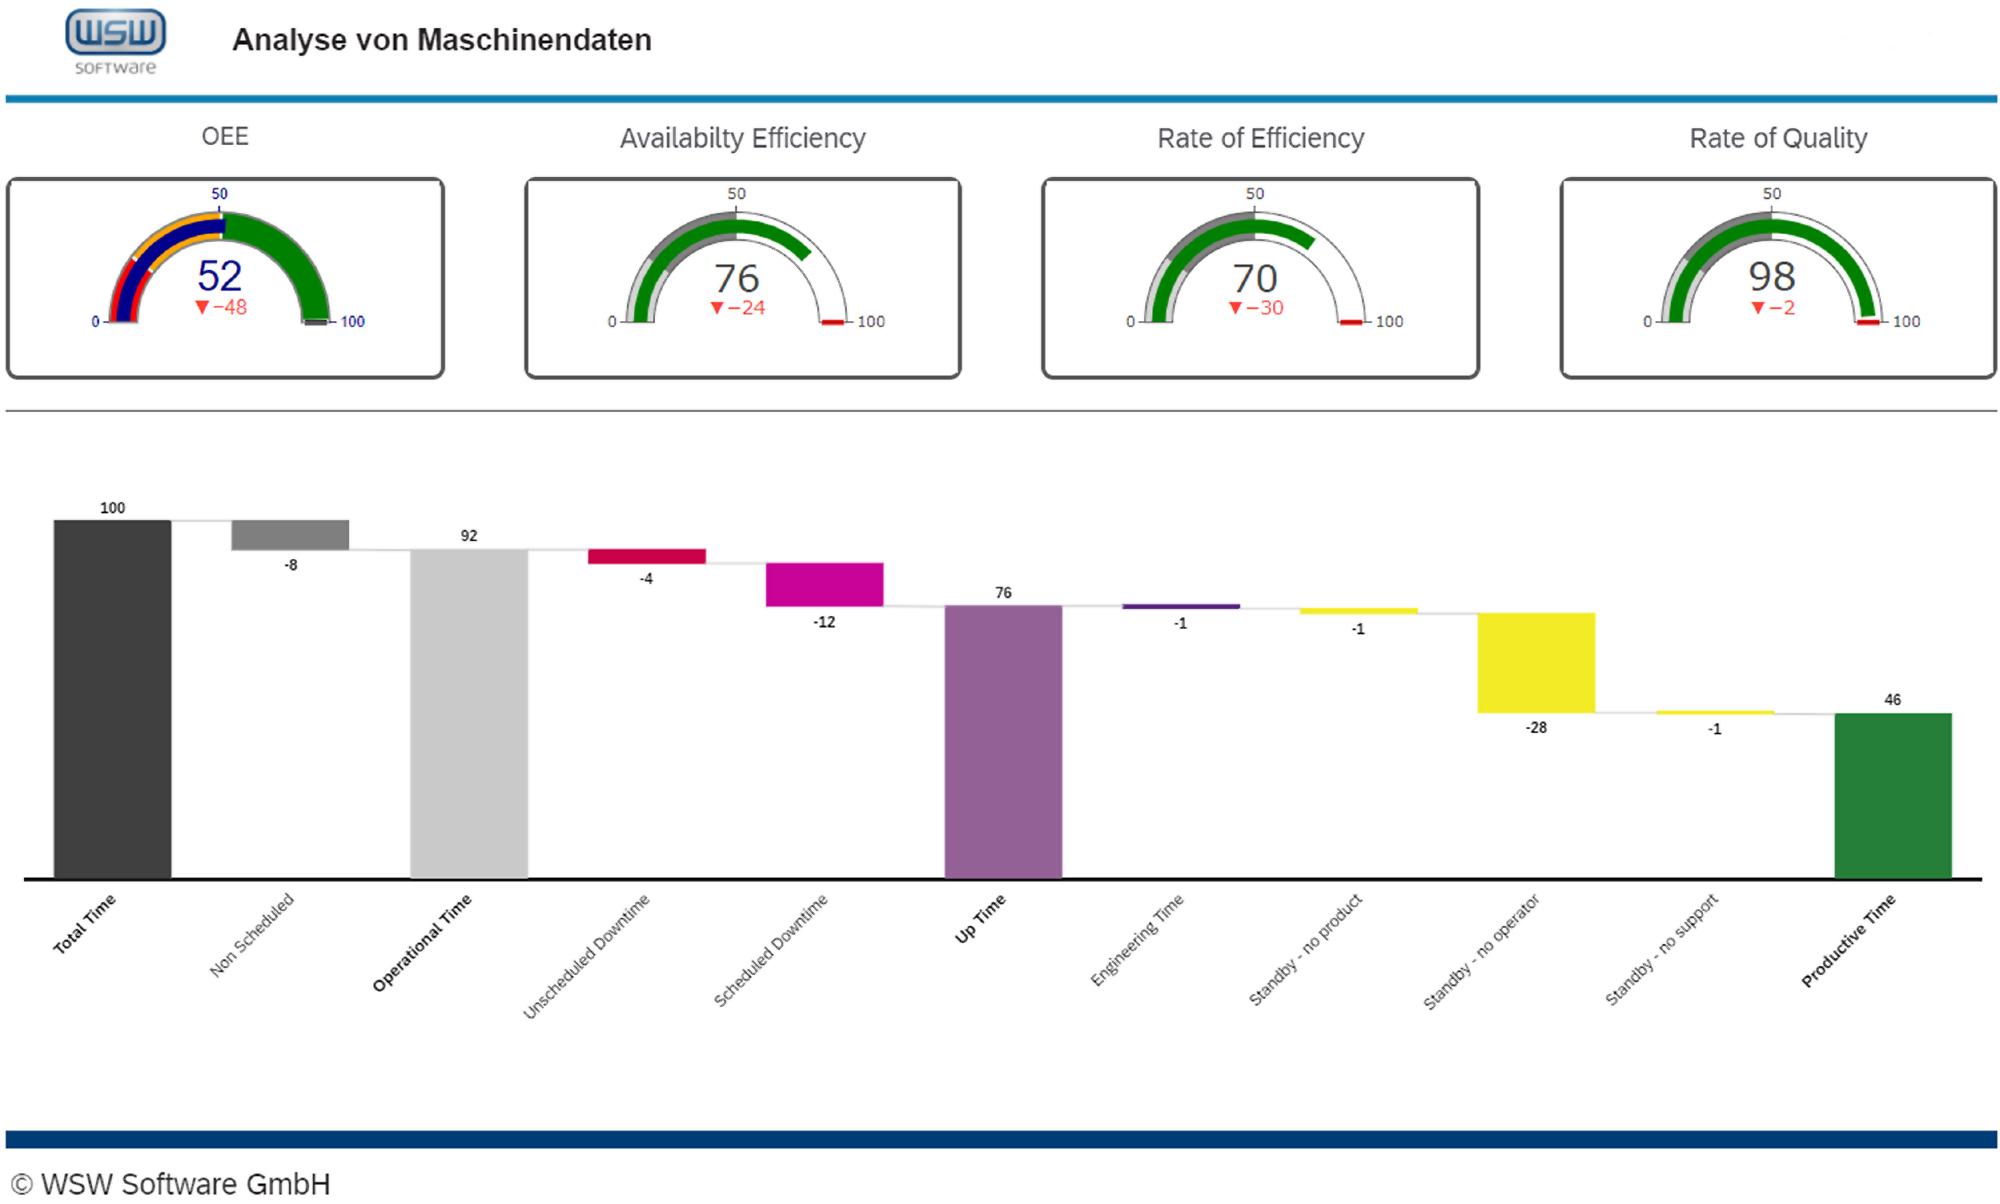 Die OEE und die Effizienzraten lassen sich aus Maschinenzuständen (Wasserfalldiagramm unten) ableiten. (Bild: WSW Software GmbH)